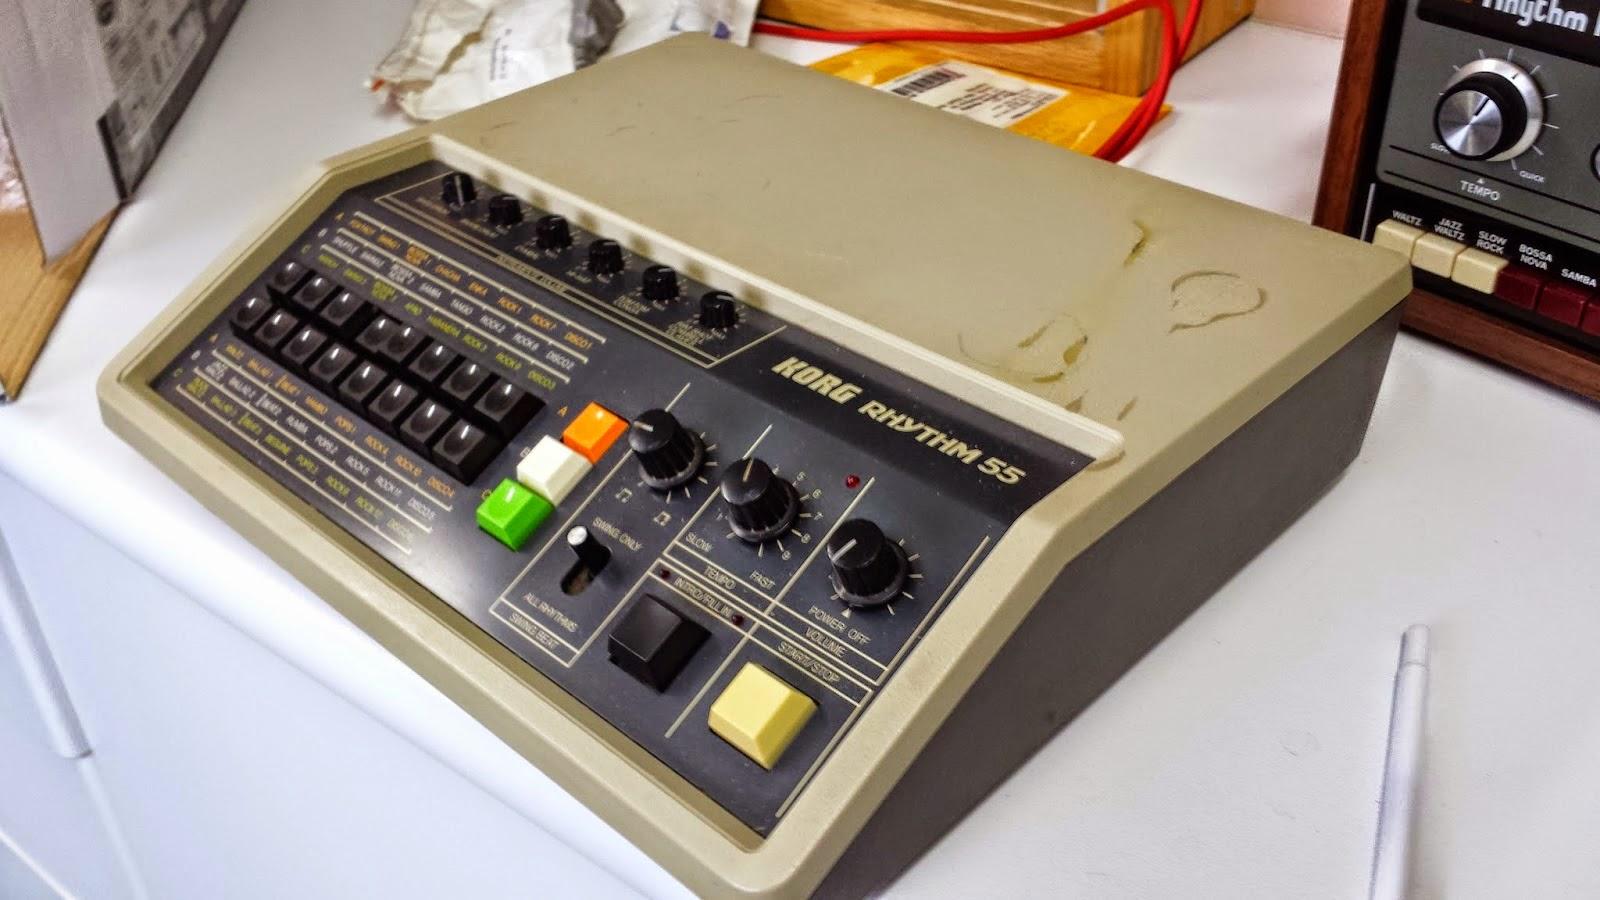 Best Drum Machine Electronic Music : jondent exploring electronic music korg drum machines the timeline ~ Russianpoet.info Haus und Dekorationen